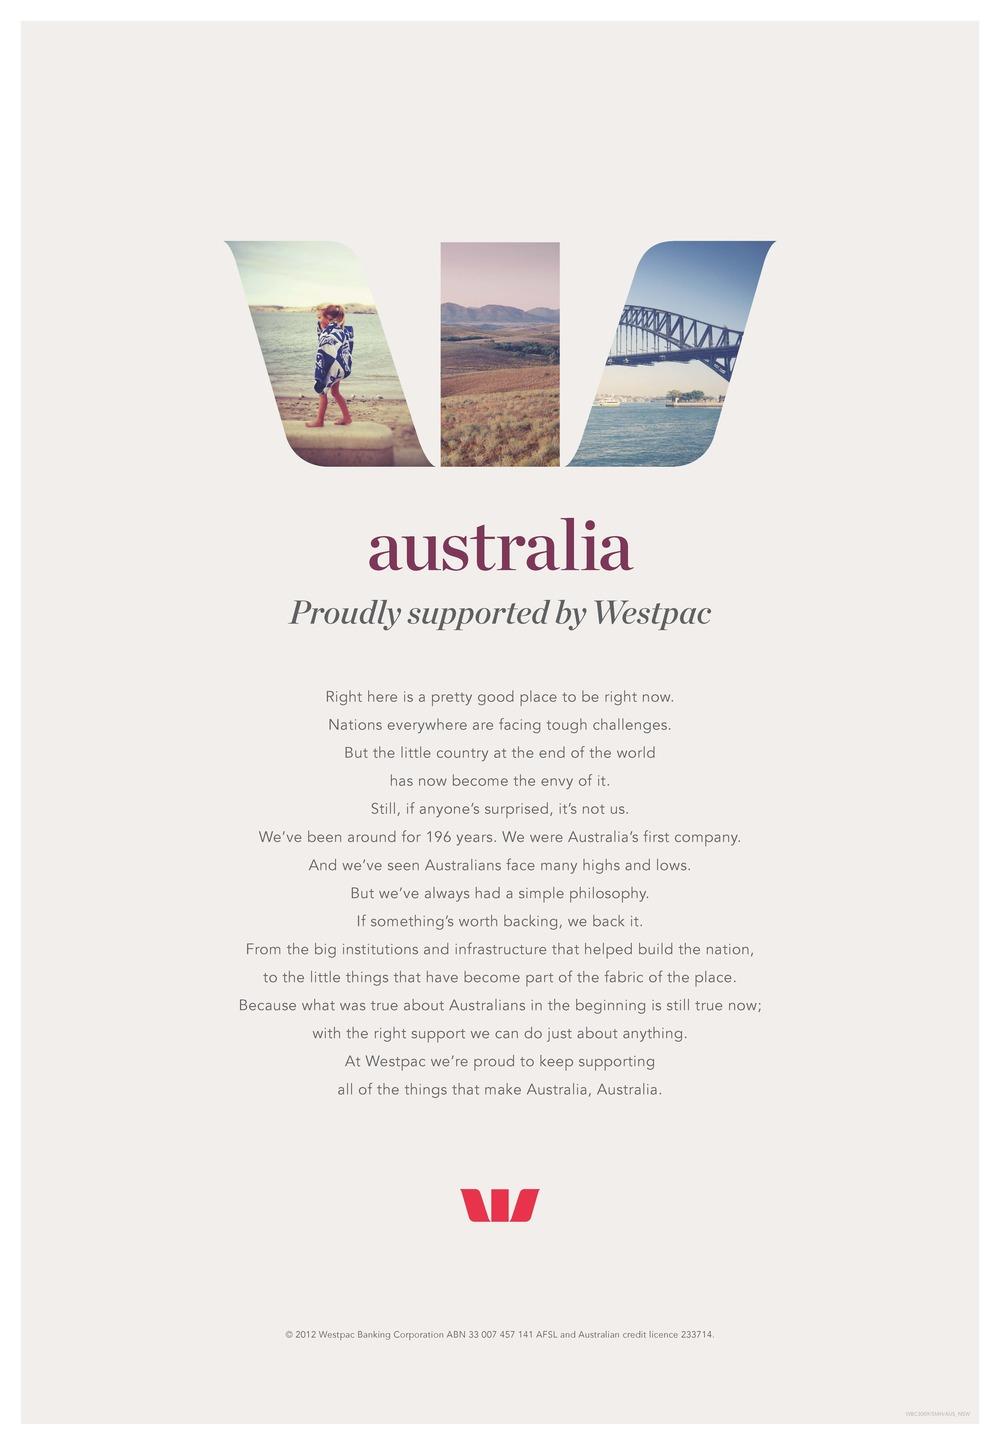 WBC3009 AUSTRALIA_NSW_550x381_HR1.jpg